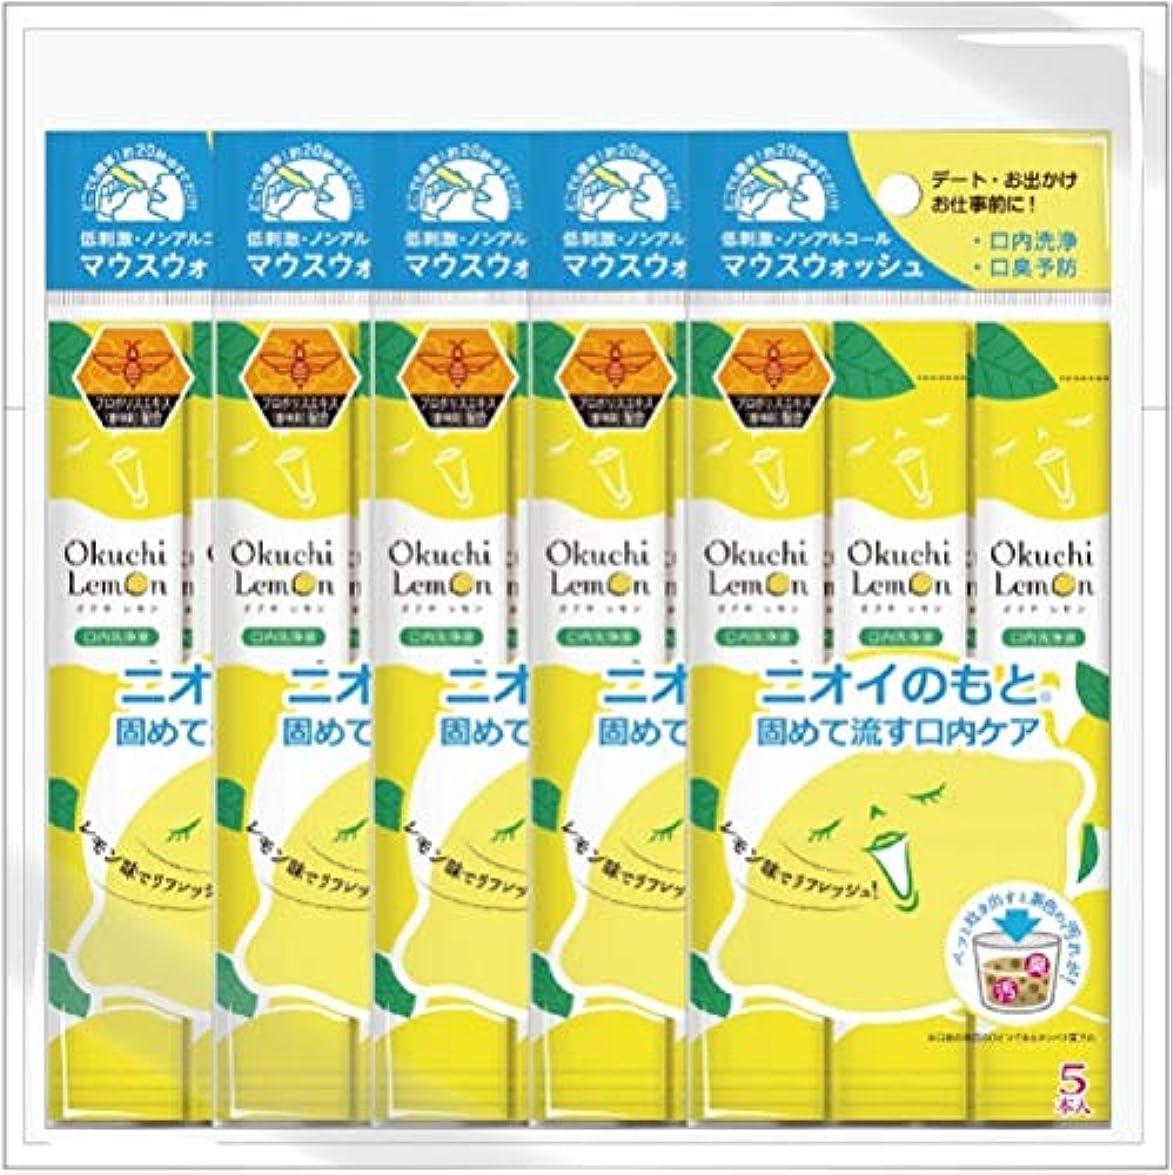 承認急性ブラウズ口臭の原因除去マウスウォッシュ オクチレモン 5個セット(5本入り×5個)